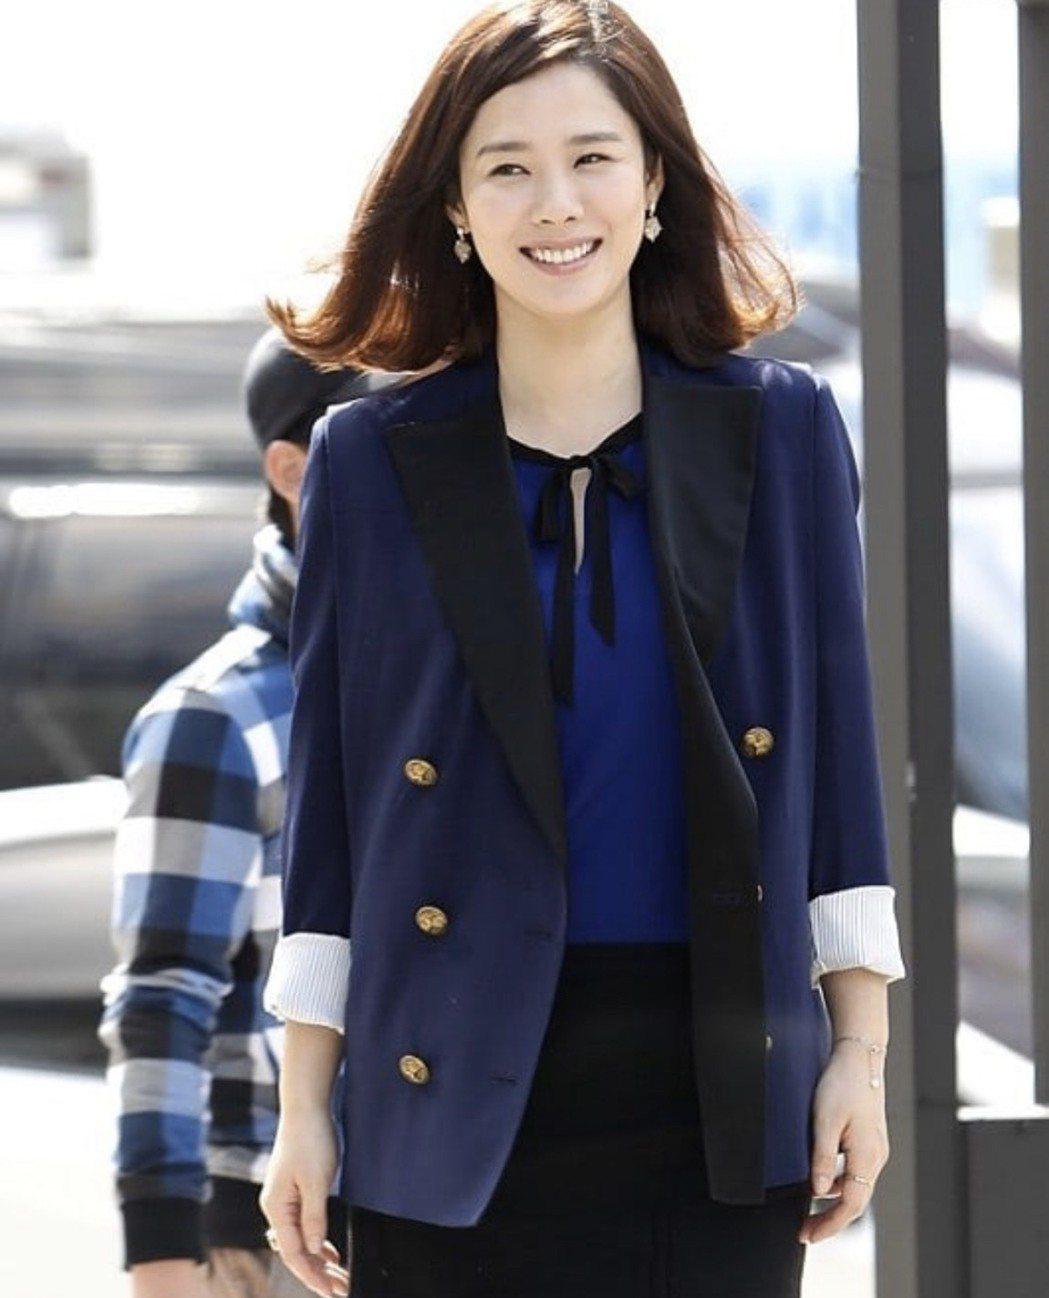 43歲韓女星金賢珠出道20多年依然凍齡。圖/摘自IG